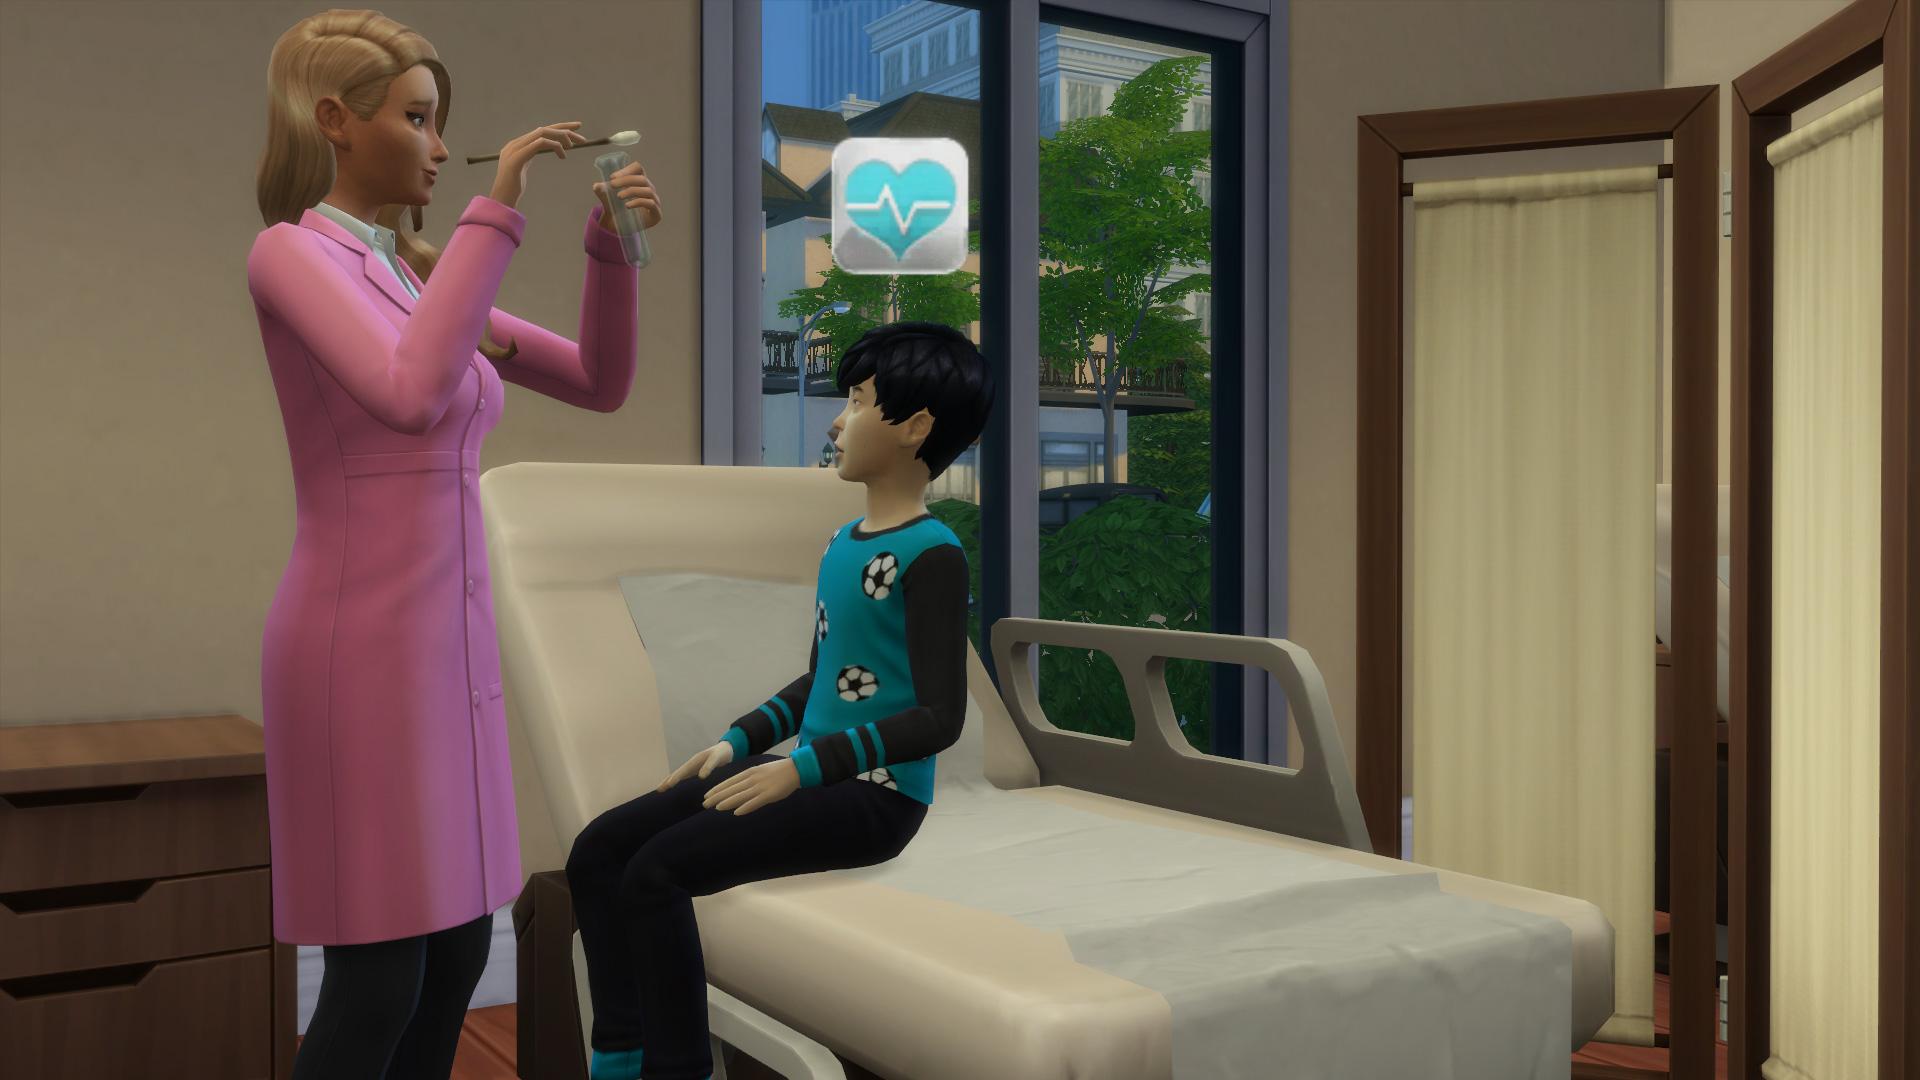 DIE SIMS 4: AN DIE ARBEIT #057 Ashley, die verrückte Wissenschaftlerin ☆ Lets Play Die Sims 4